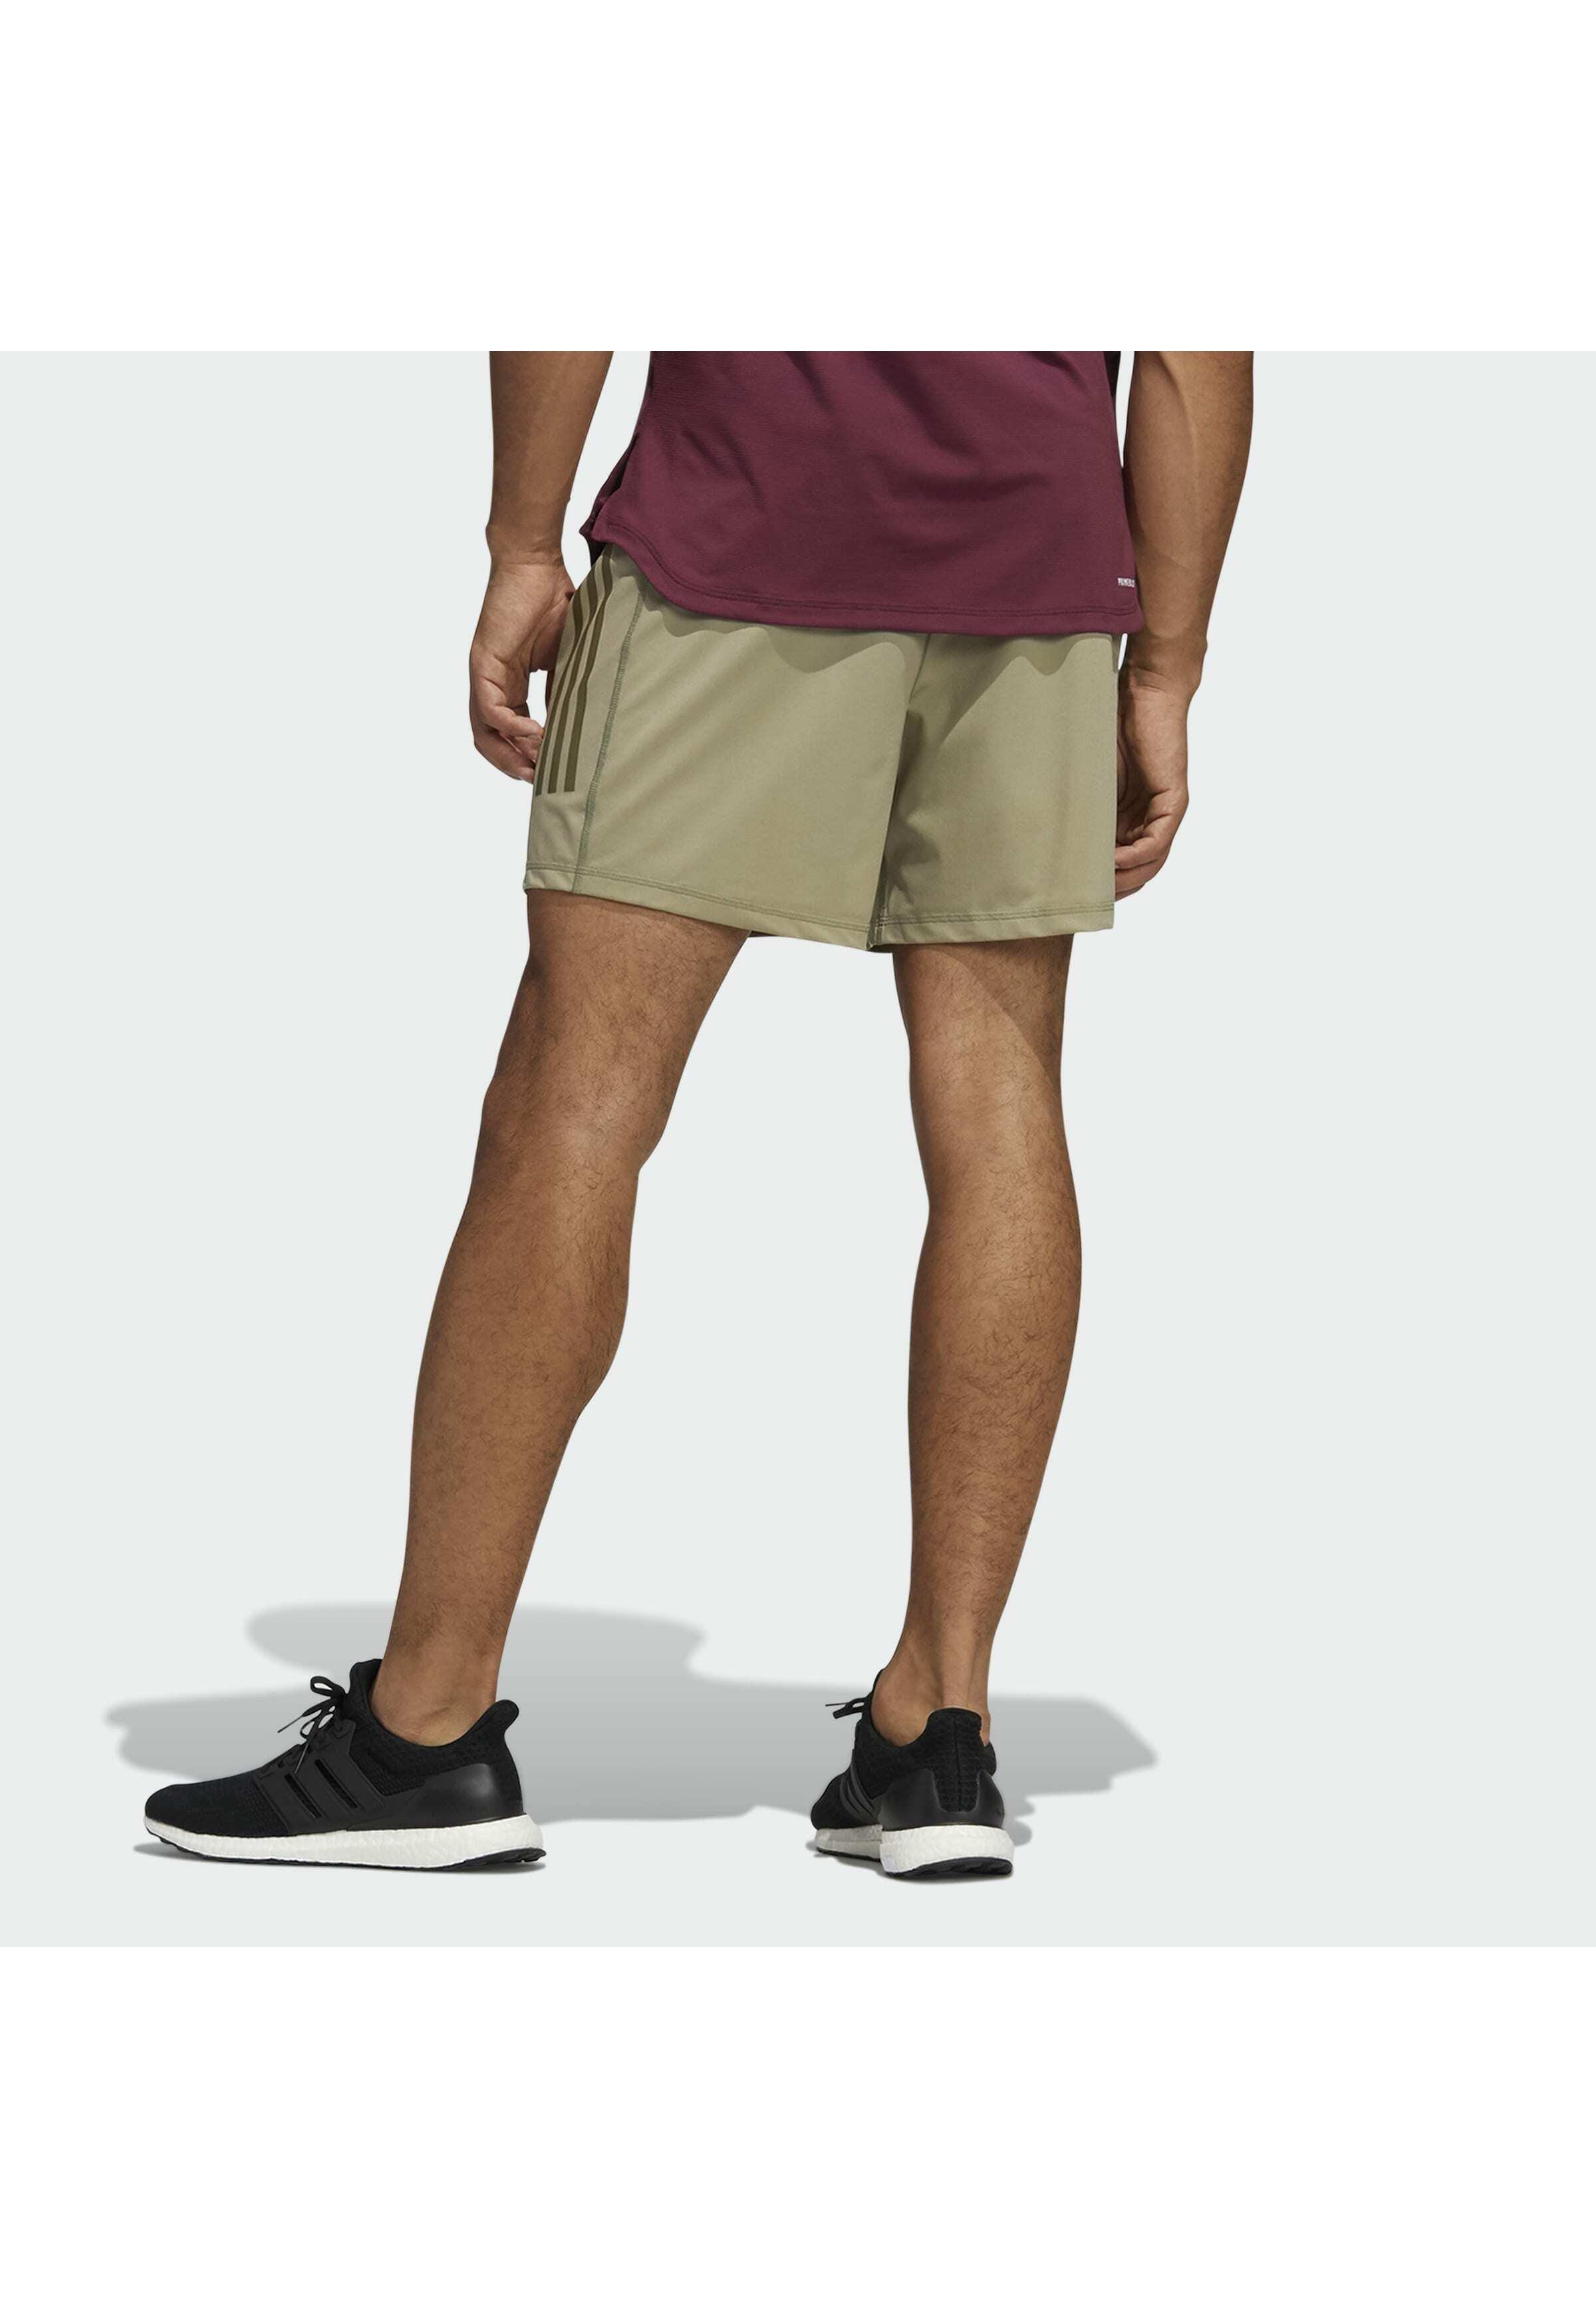 Herren MENS YOGA SHORT - kurze Sporthose